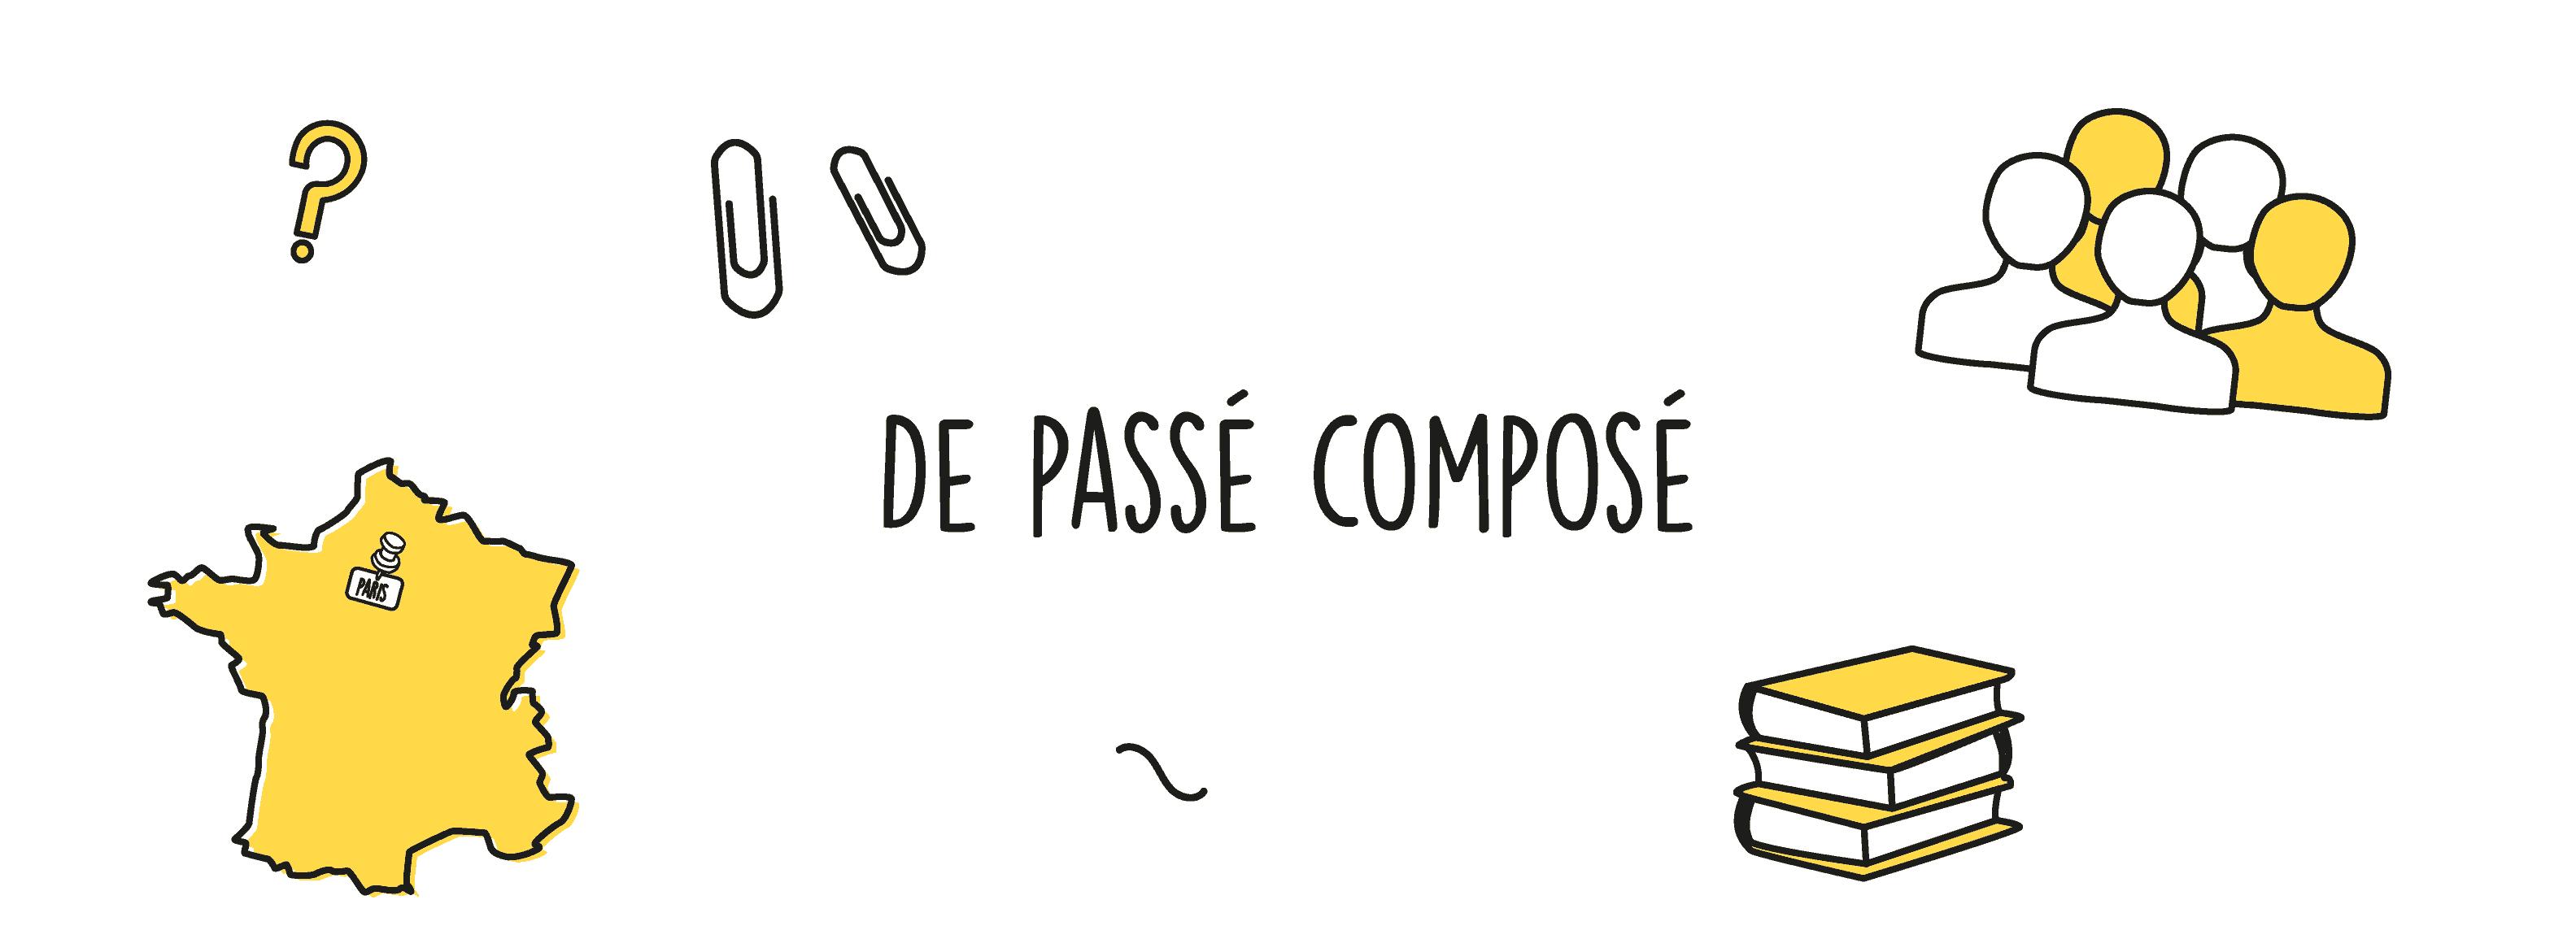 De Passé composé